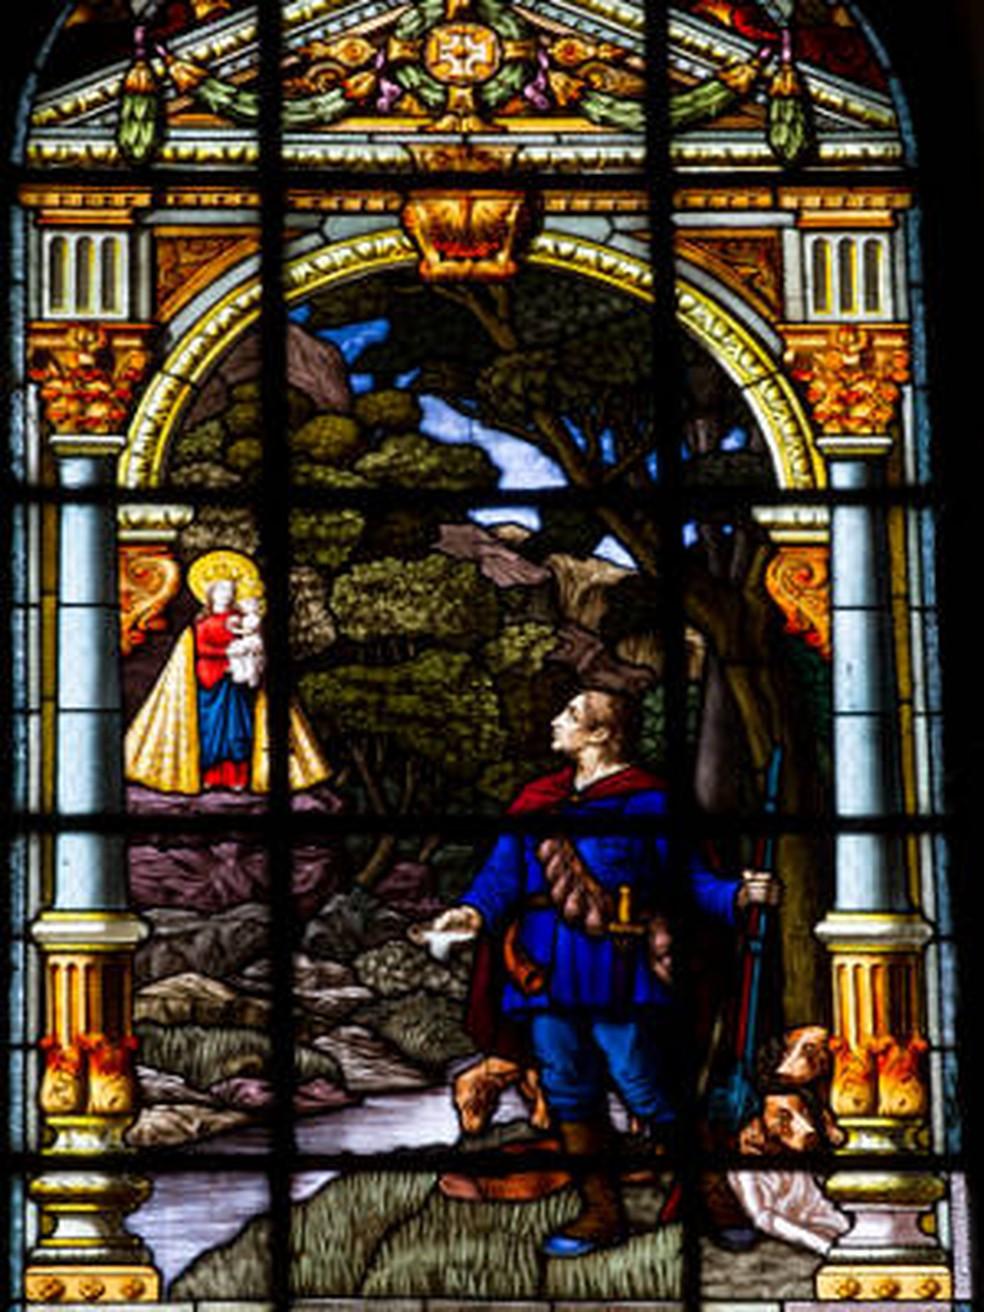 Um dos vitrais da Basílica representa o momento em que o pescador Plácido encontra a imagem de Nossa Senhora de Nazaré — Foto: Shirley Penaforte/O Liberal